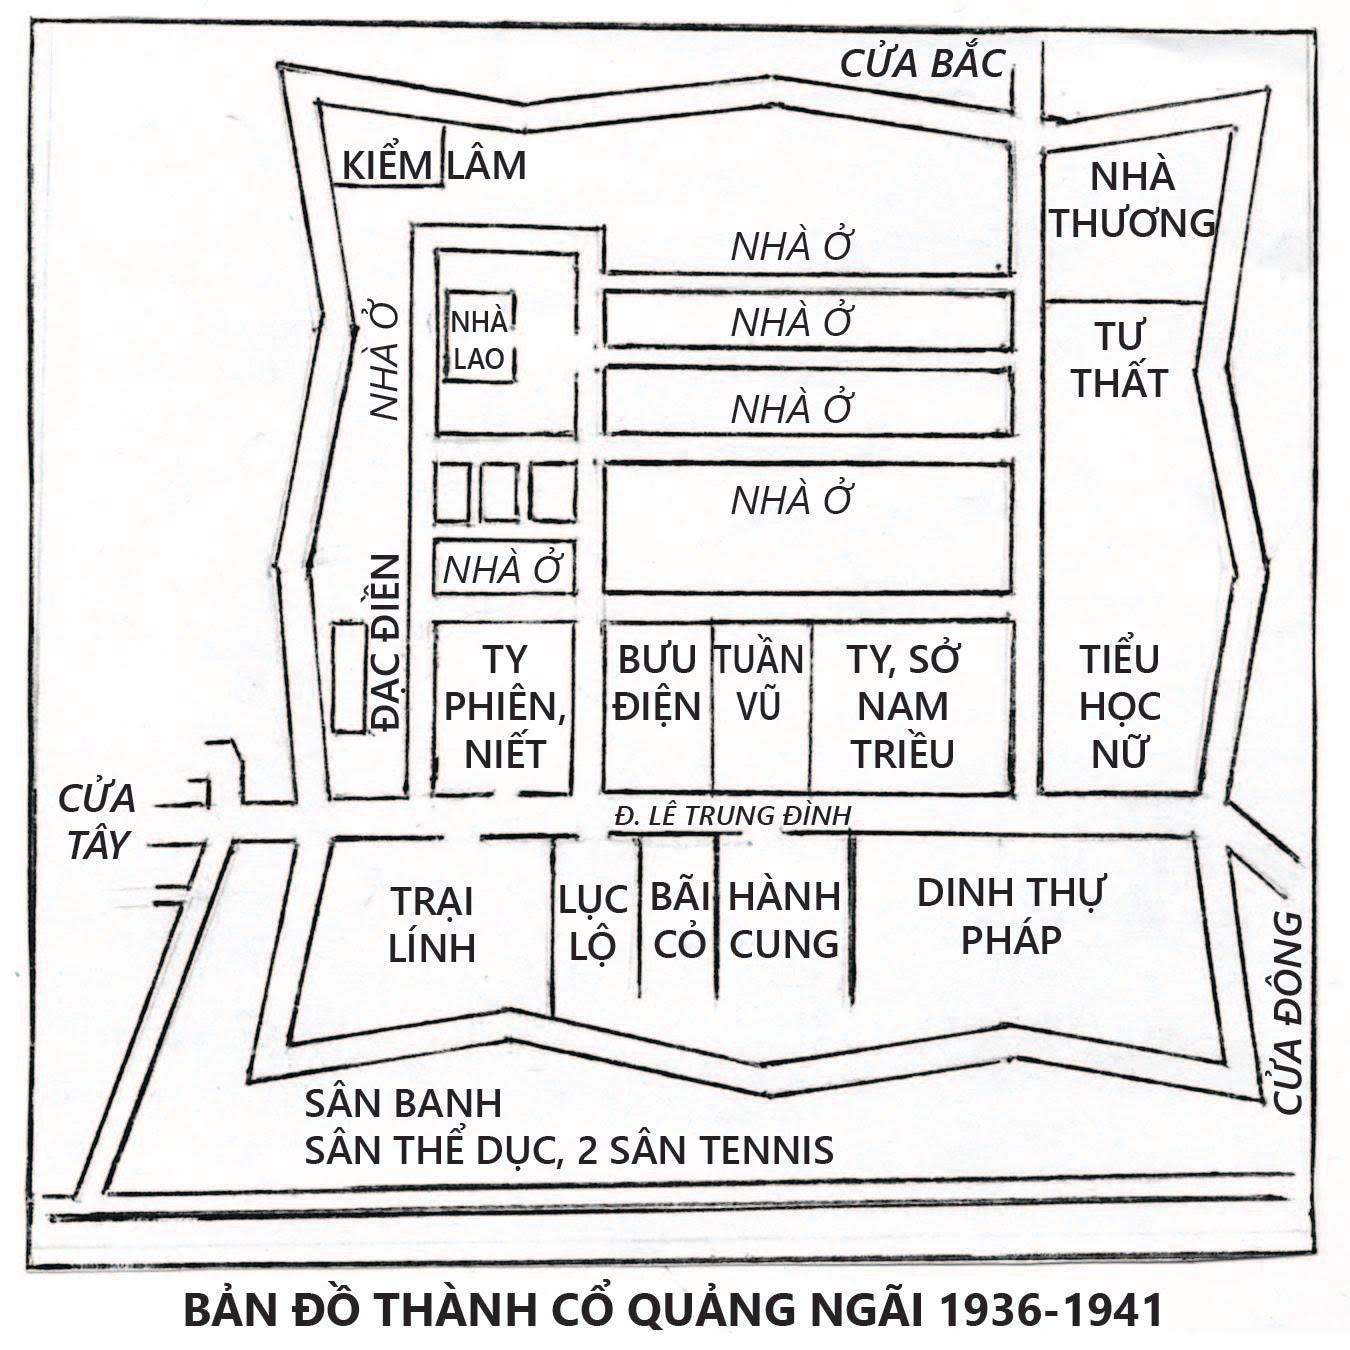 ThanhCo_QuangNgai_1936-1941.jpg